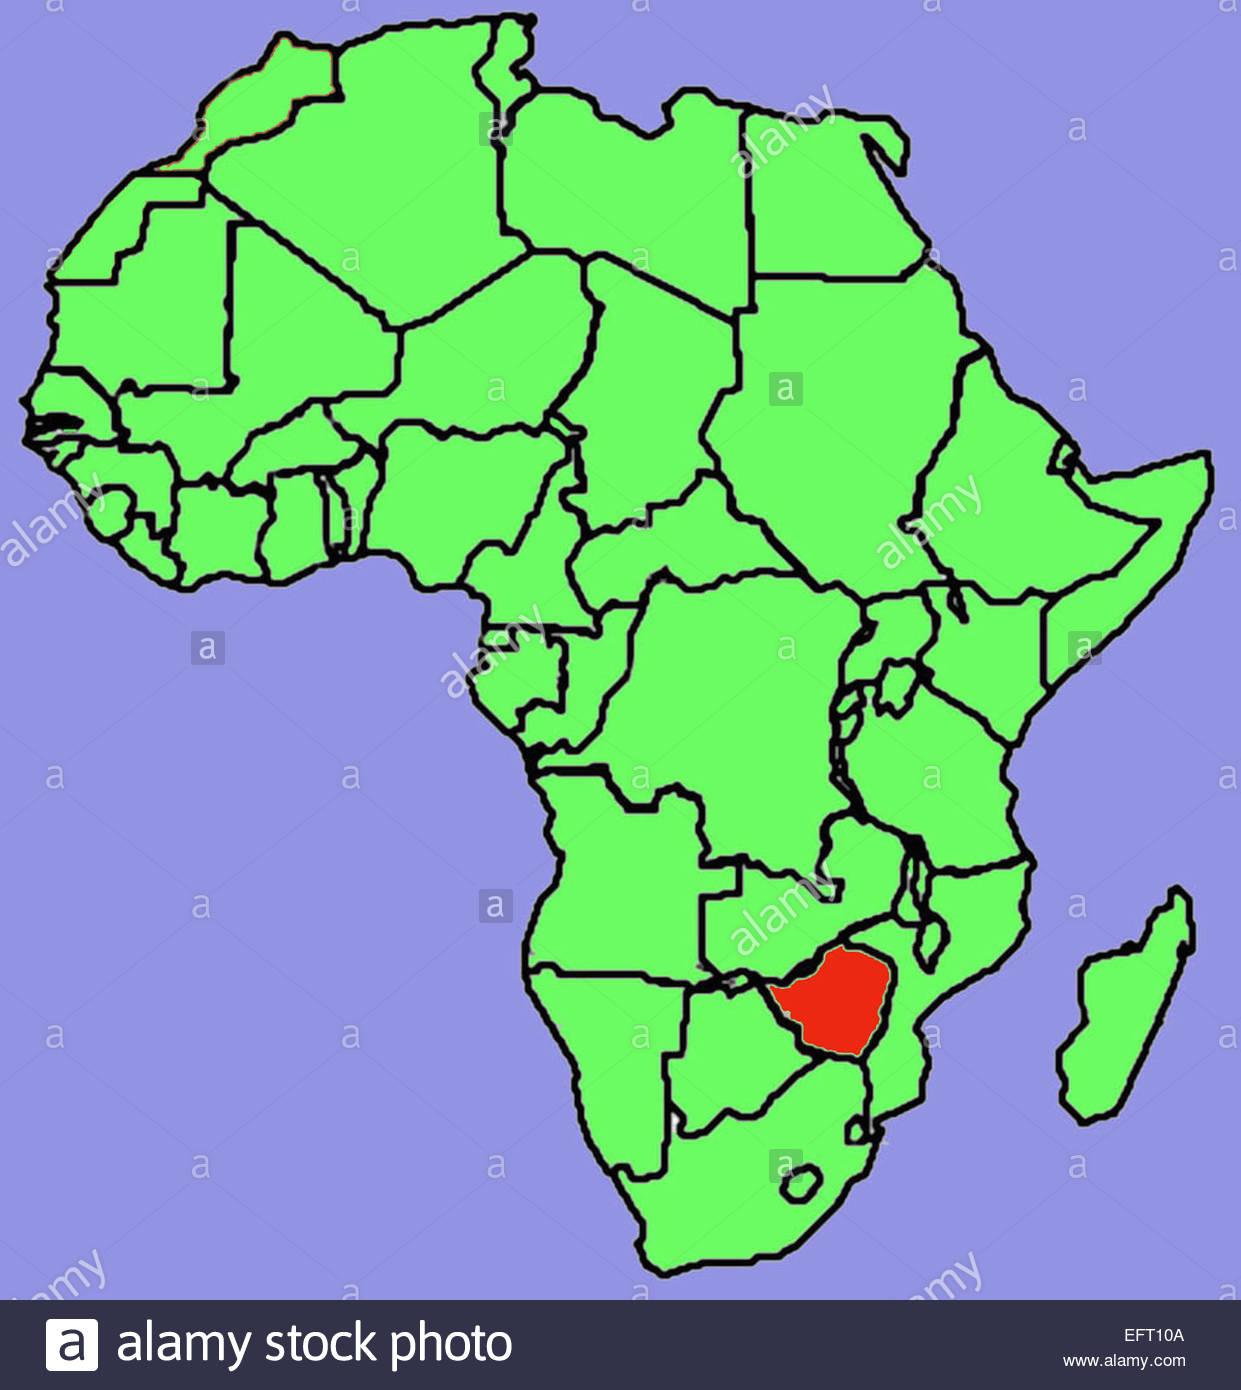 Map Republic Of Zimbabwe Southern Africa ZWE African Continent - Republic of zimbabwe map